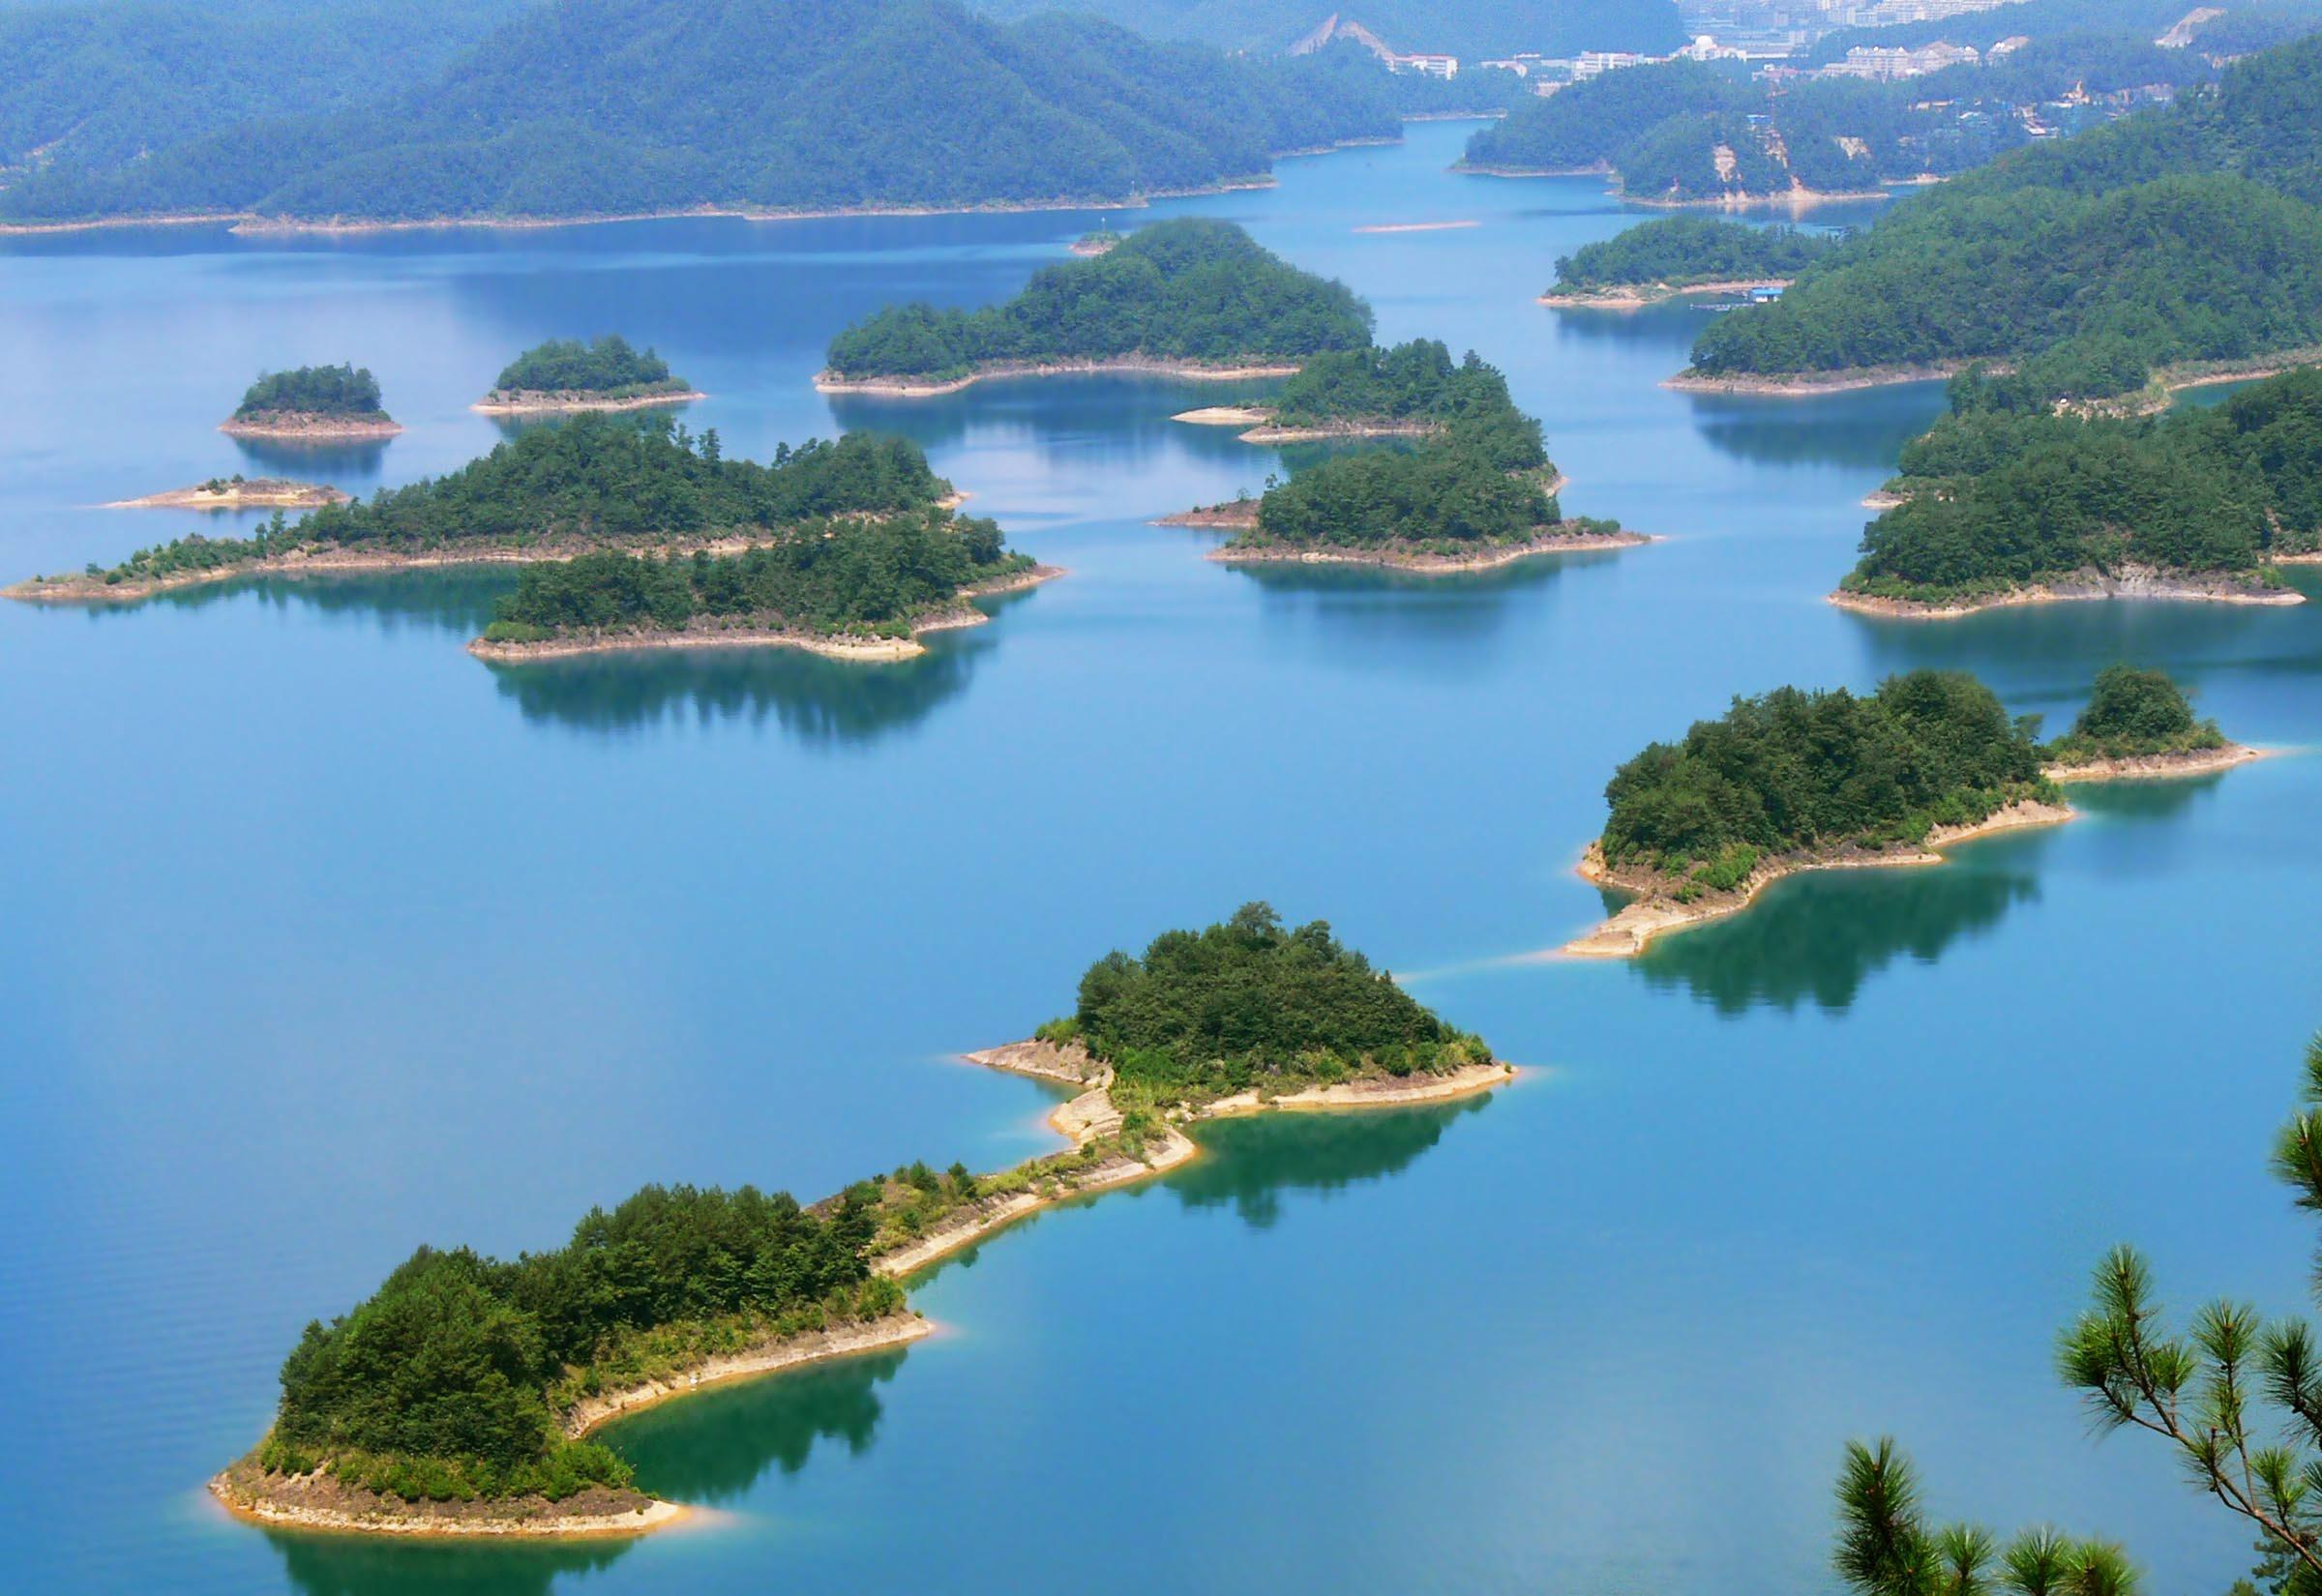 双人价!有效期至8月31日!杭州千岛湖绿城度假酒店2天1晚自由行!